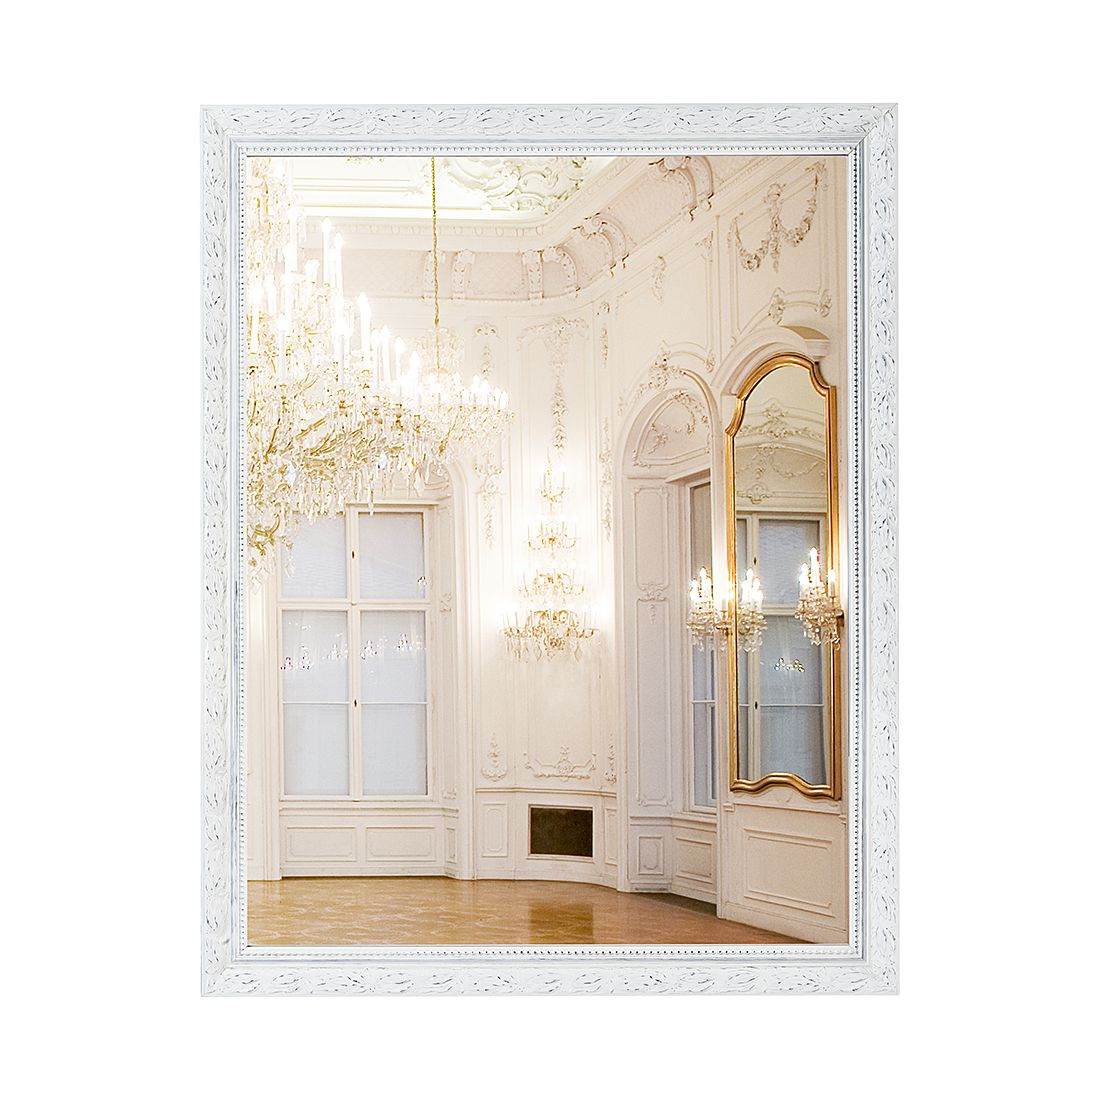 spiegel 70 x 40 cm preisvergleich die besten angebote online kaufen. Black Bedroom Furniture Sets. Home Design Ideas